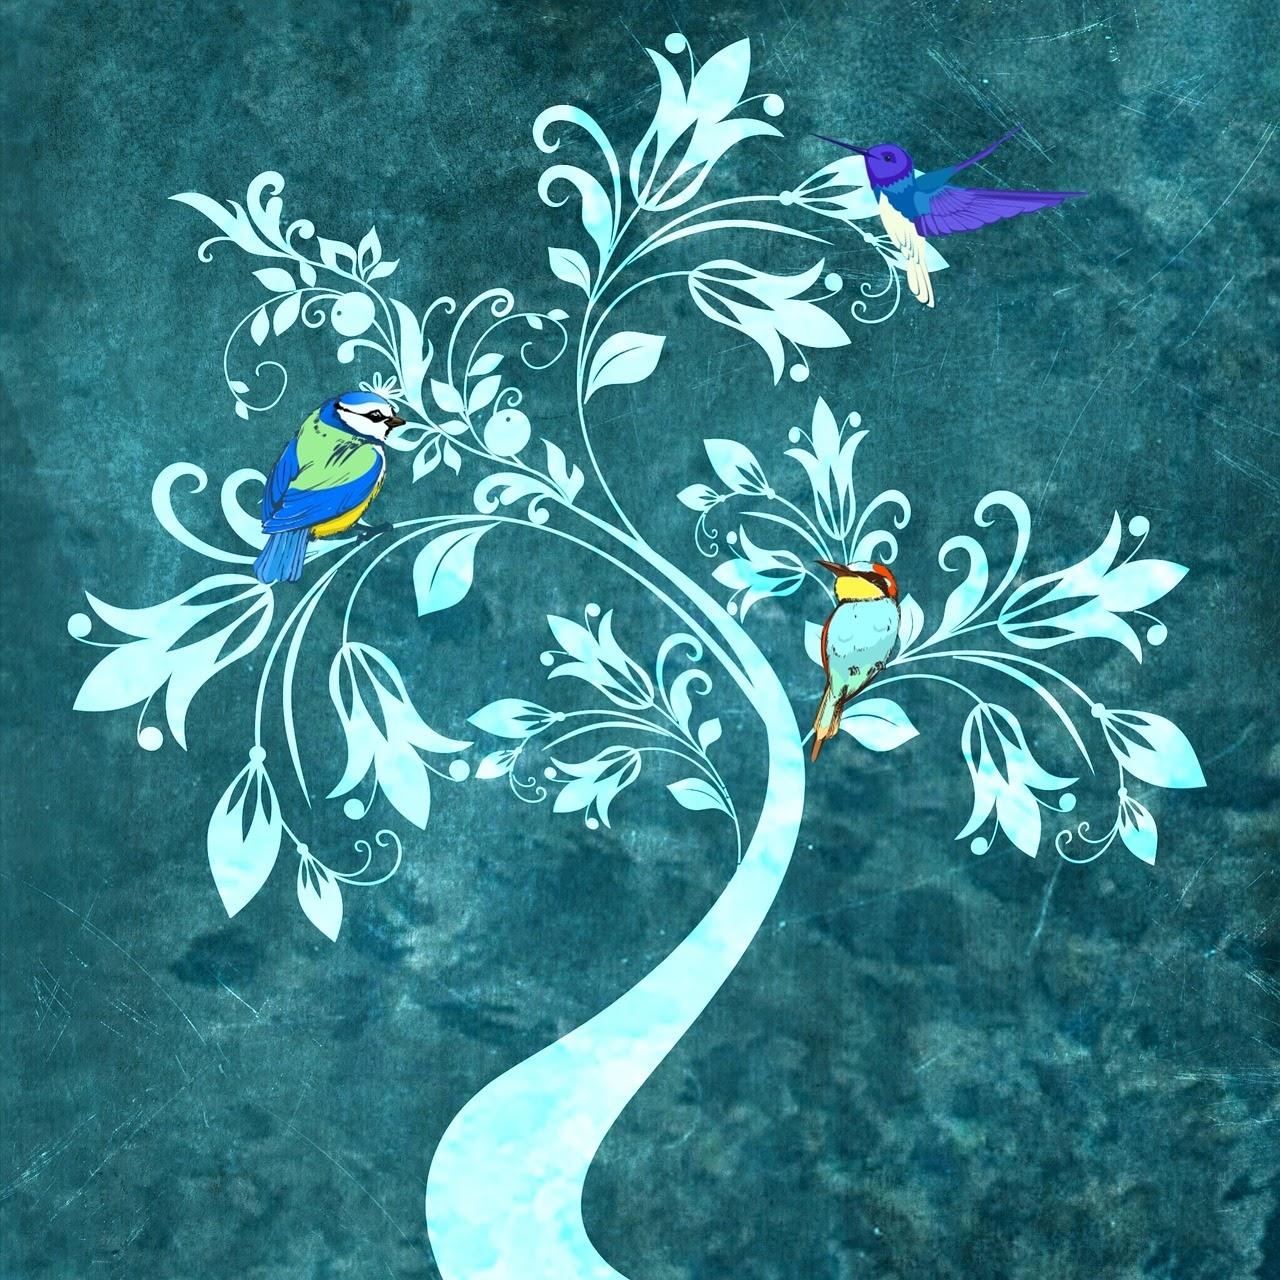 分享星 : 【瑪法達】07.04~07.10 歡喜當道 未雨綢繆